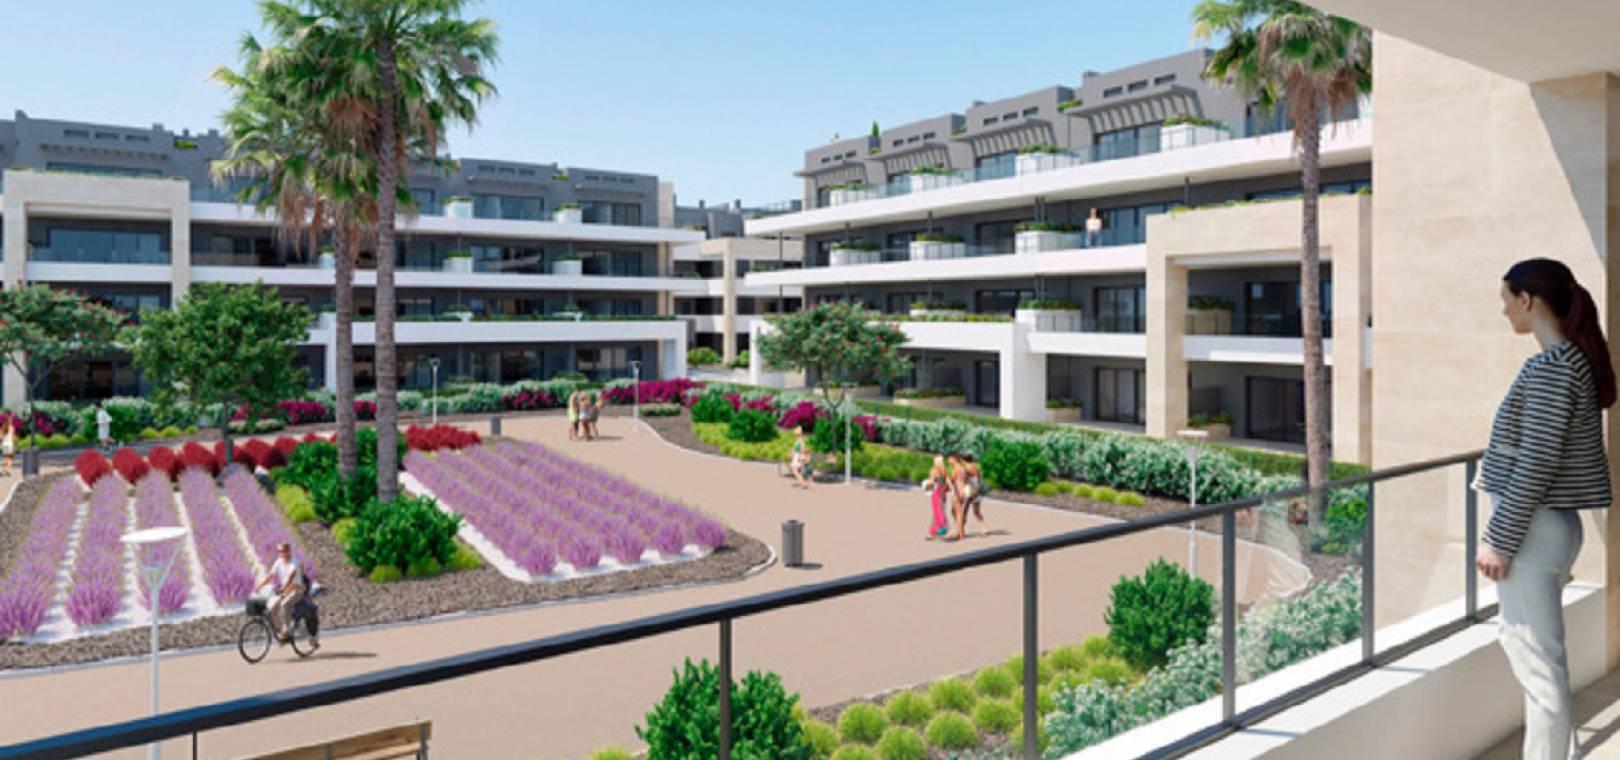 Nybyggnad - Lägenhet - Playa Flamenca